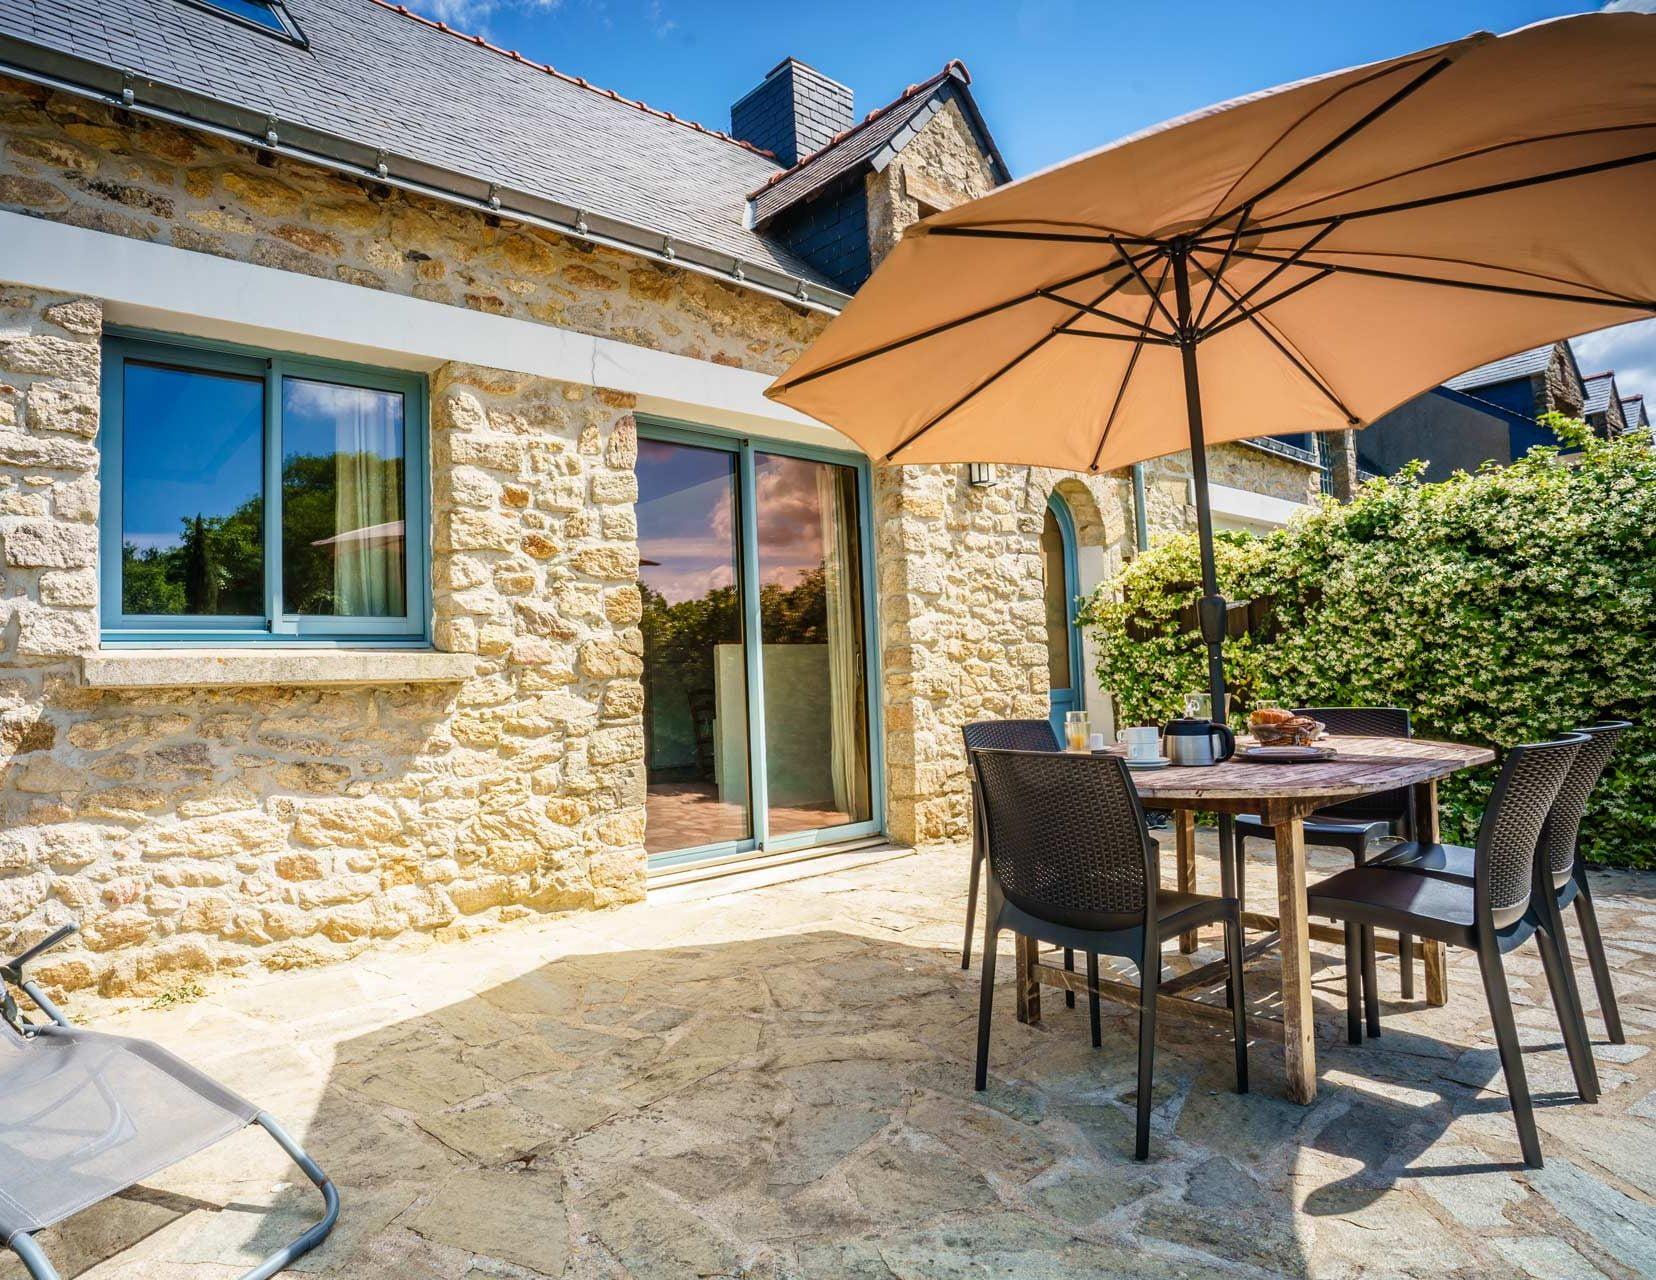 cropped terrasse ensoleille gite lavande vacances en loire atlantique parasol et transat gitesmesquerquimiac 1 1 - Gites Mesquer Quimiac